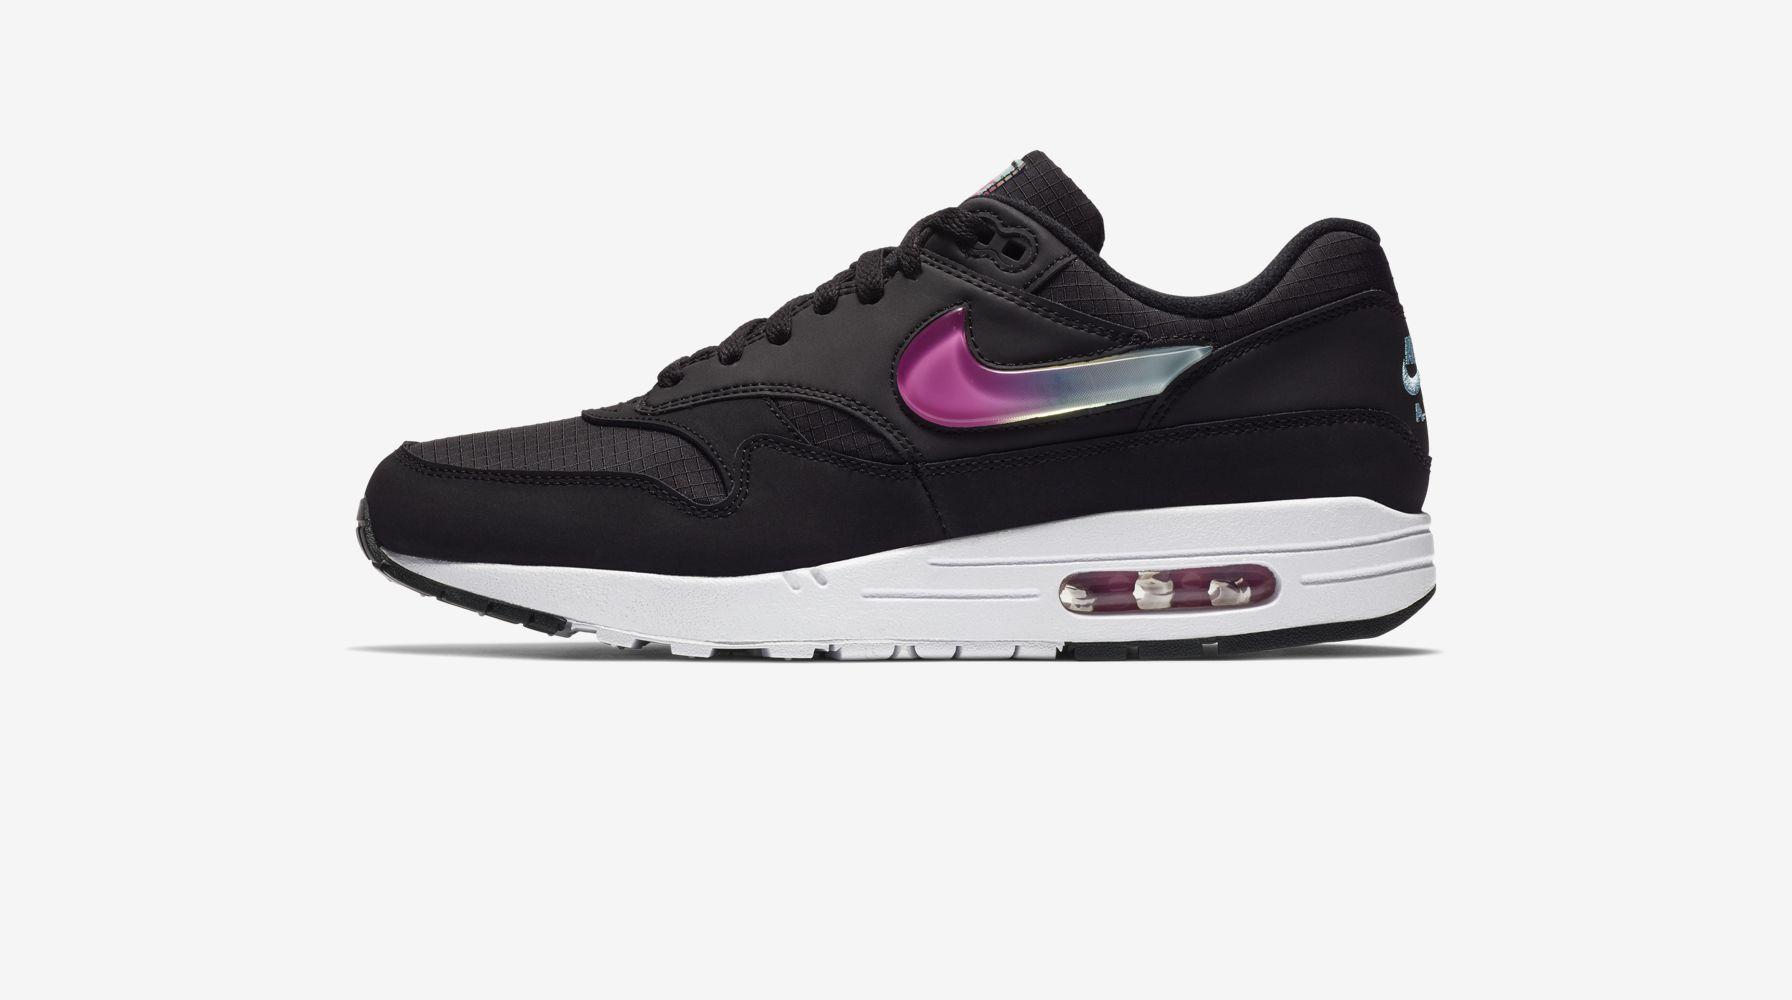 Jordans On Nike Id Flight Club - Notary Chamber a4cd68e1725b